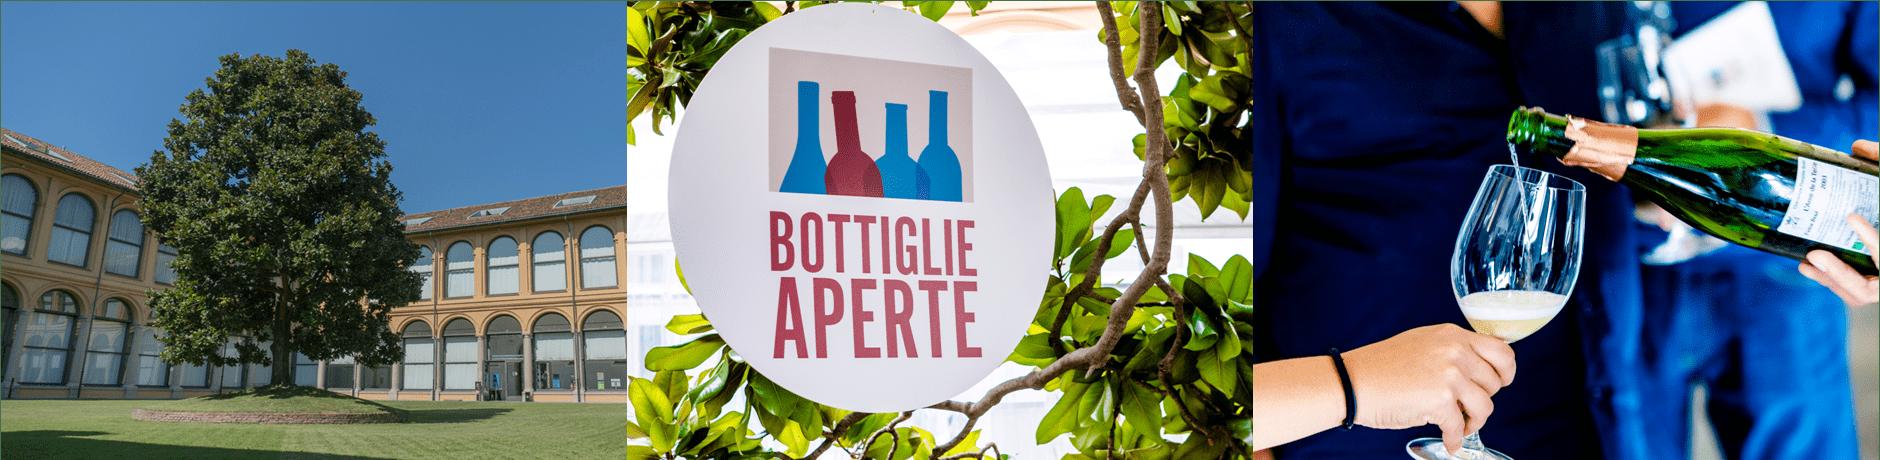 Bottiglie Aperte 2017 a Milano